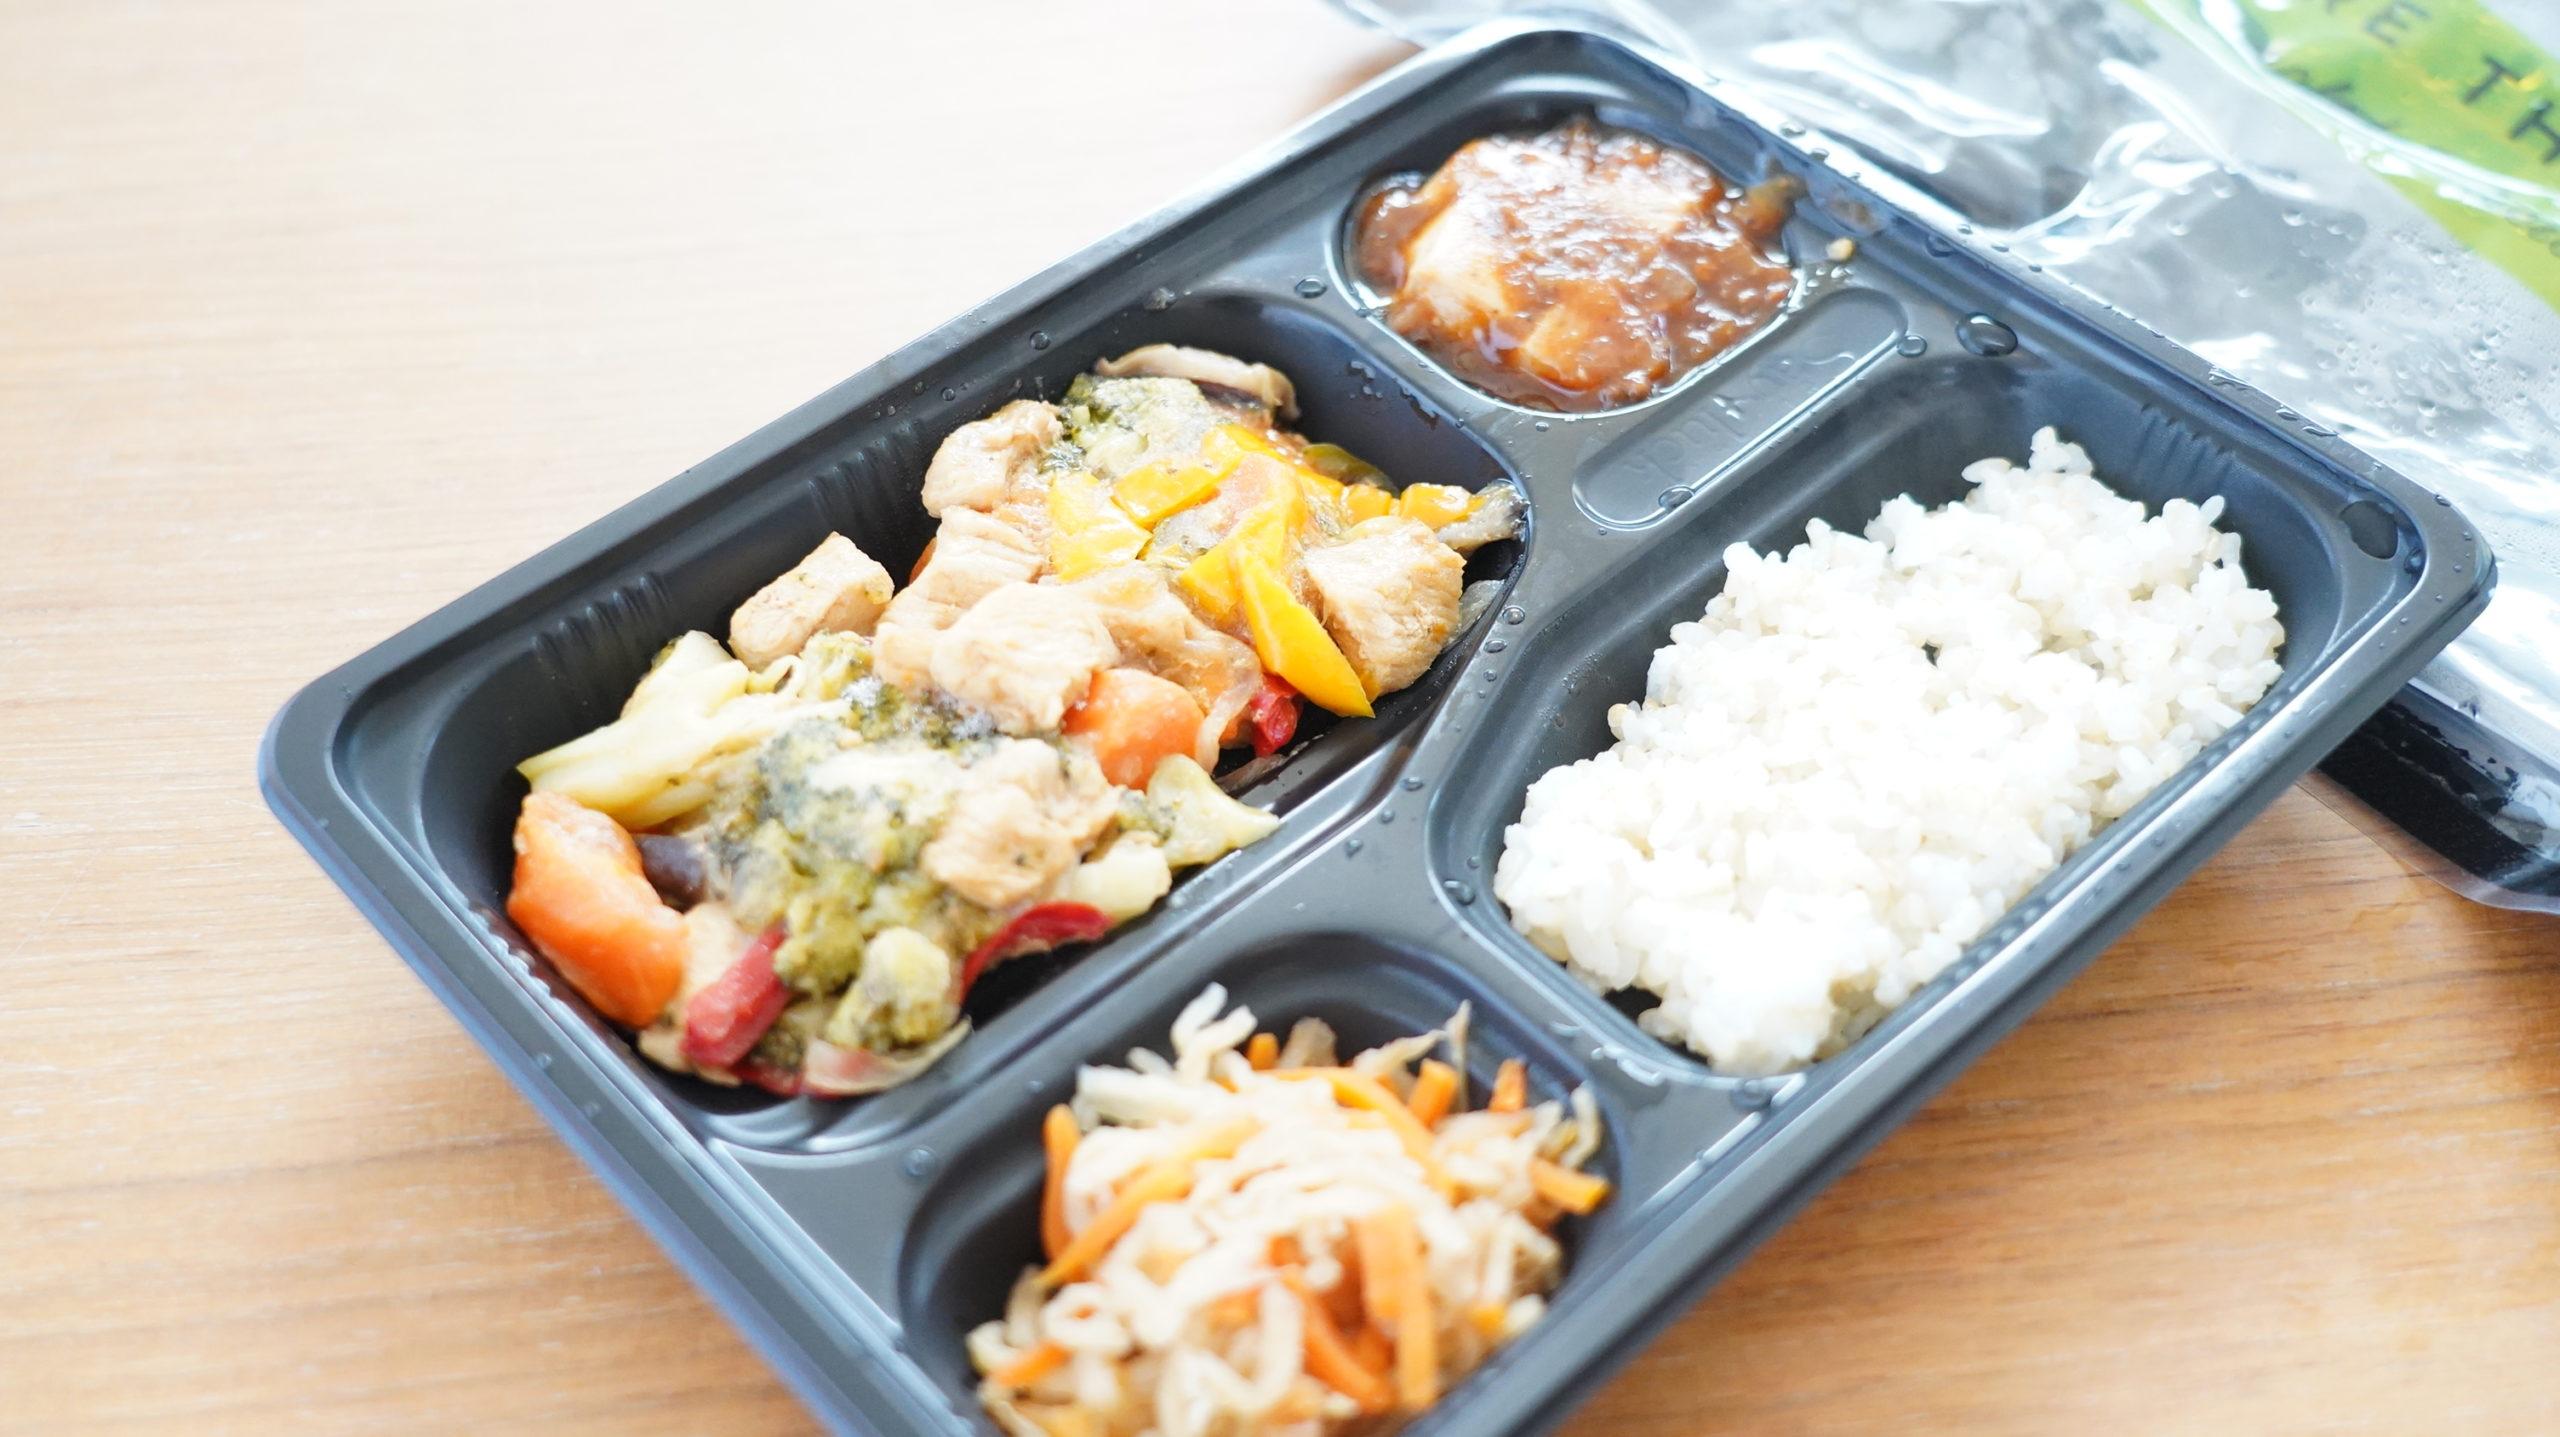 More than Deli(モアザンデリ)の冷凍弁当「鶏肉と野菜の黒酢あんかけ」を斜め上から撮影した写真